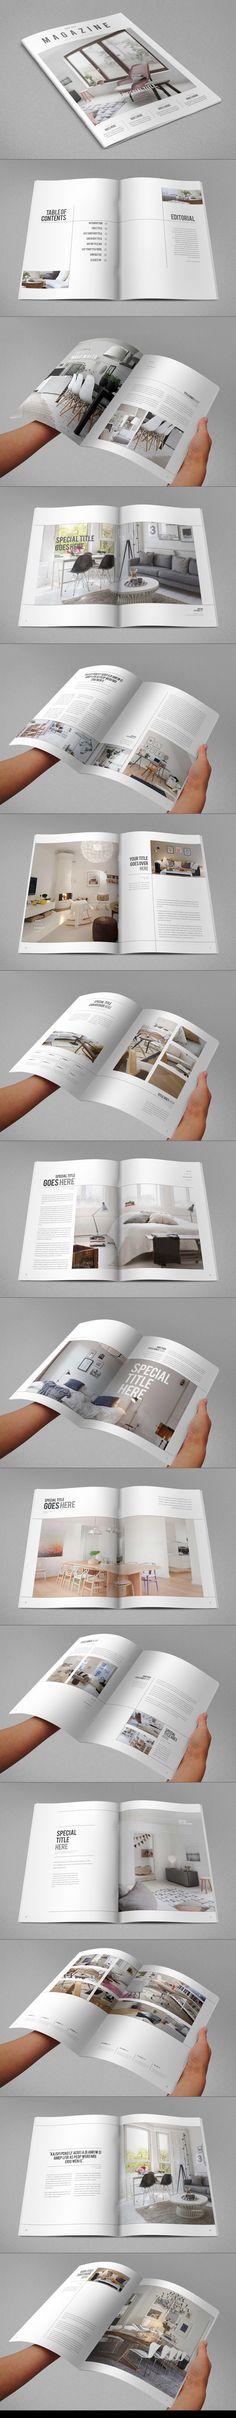 Print // Magazin / Design / minimalistisch